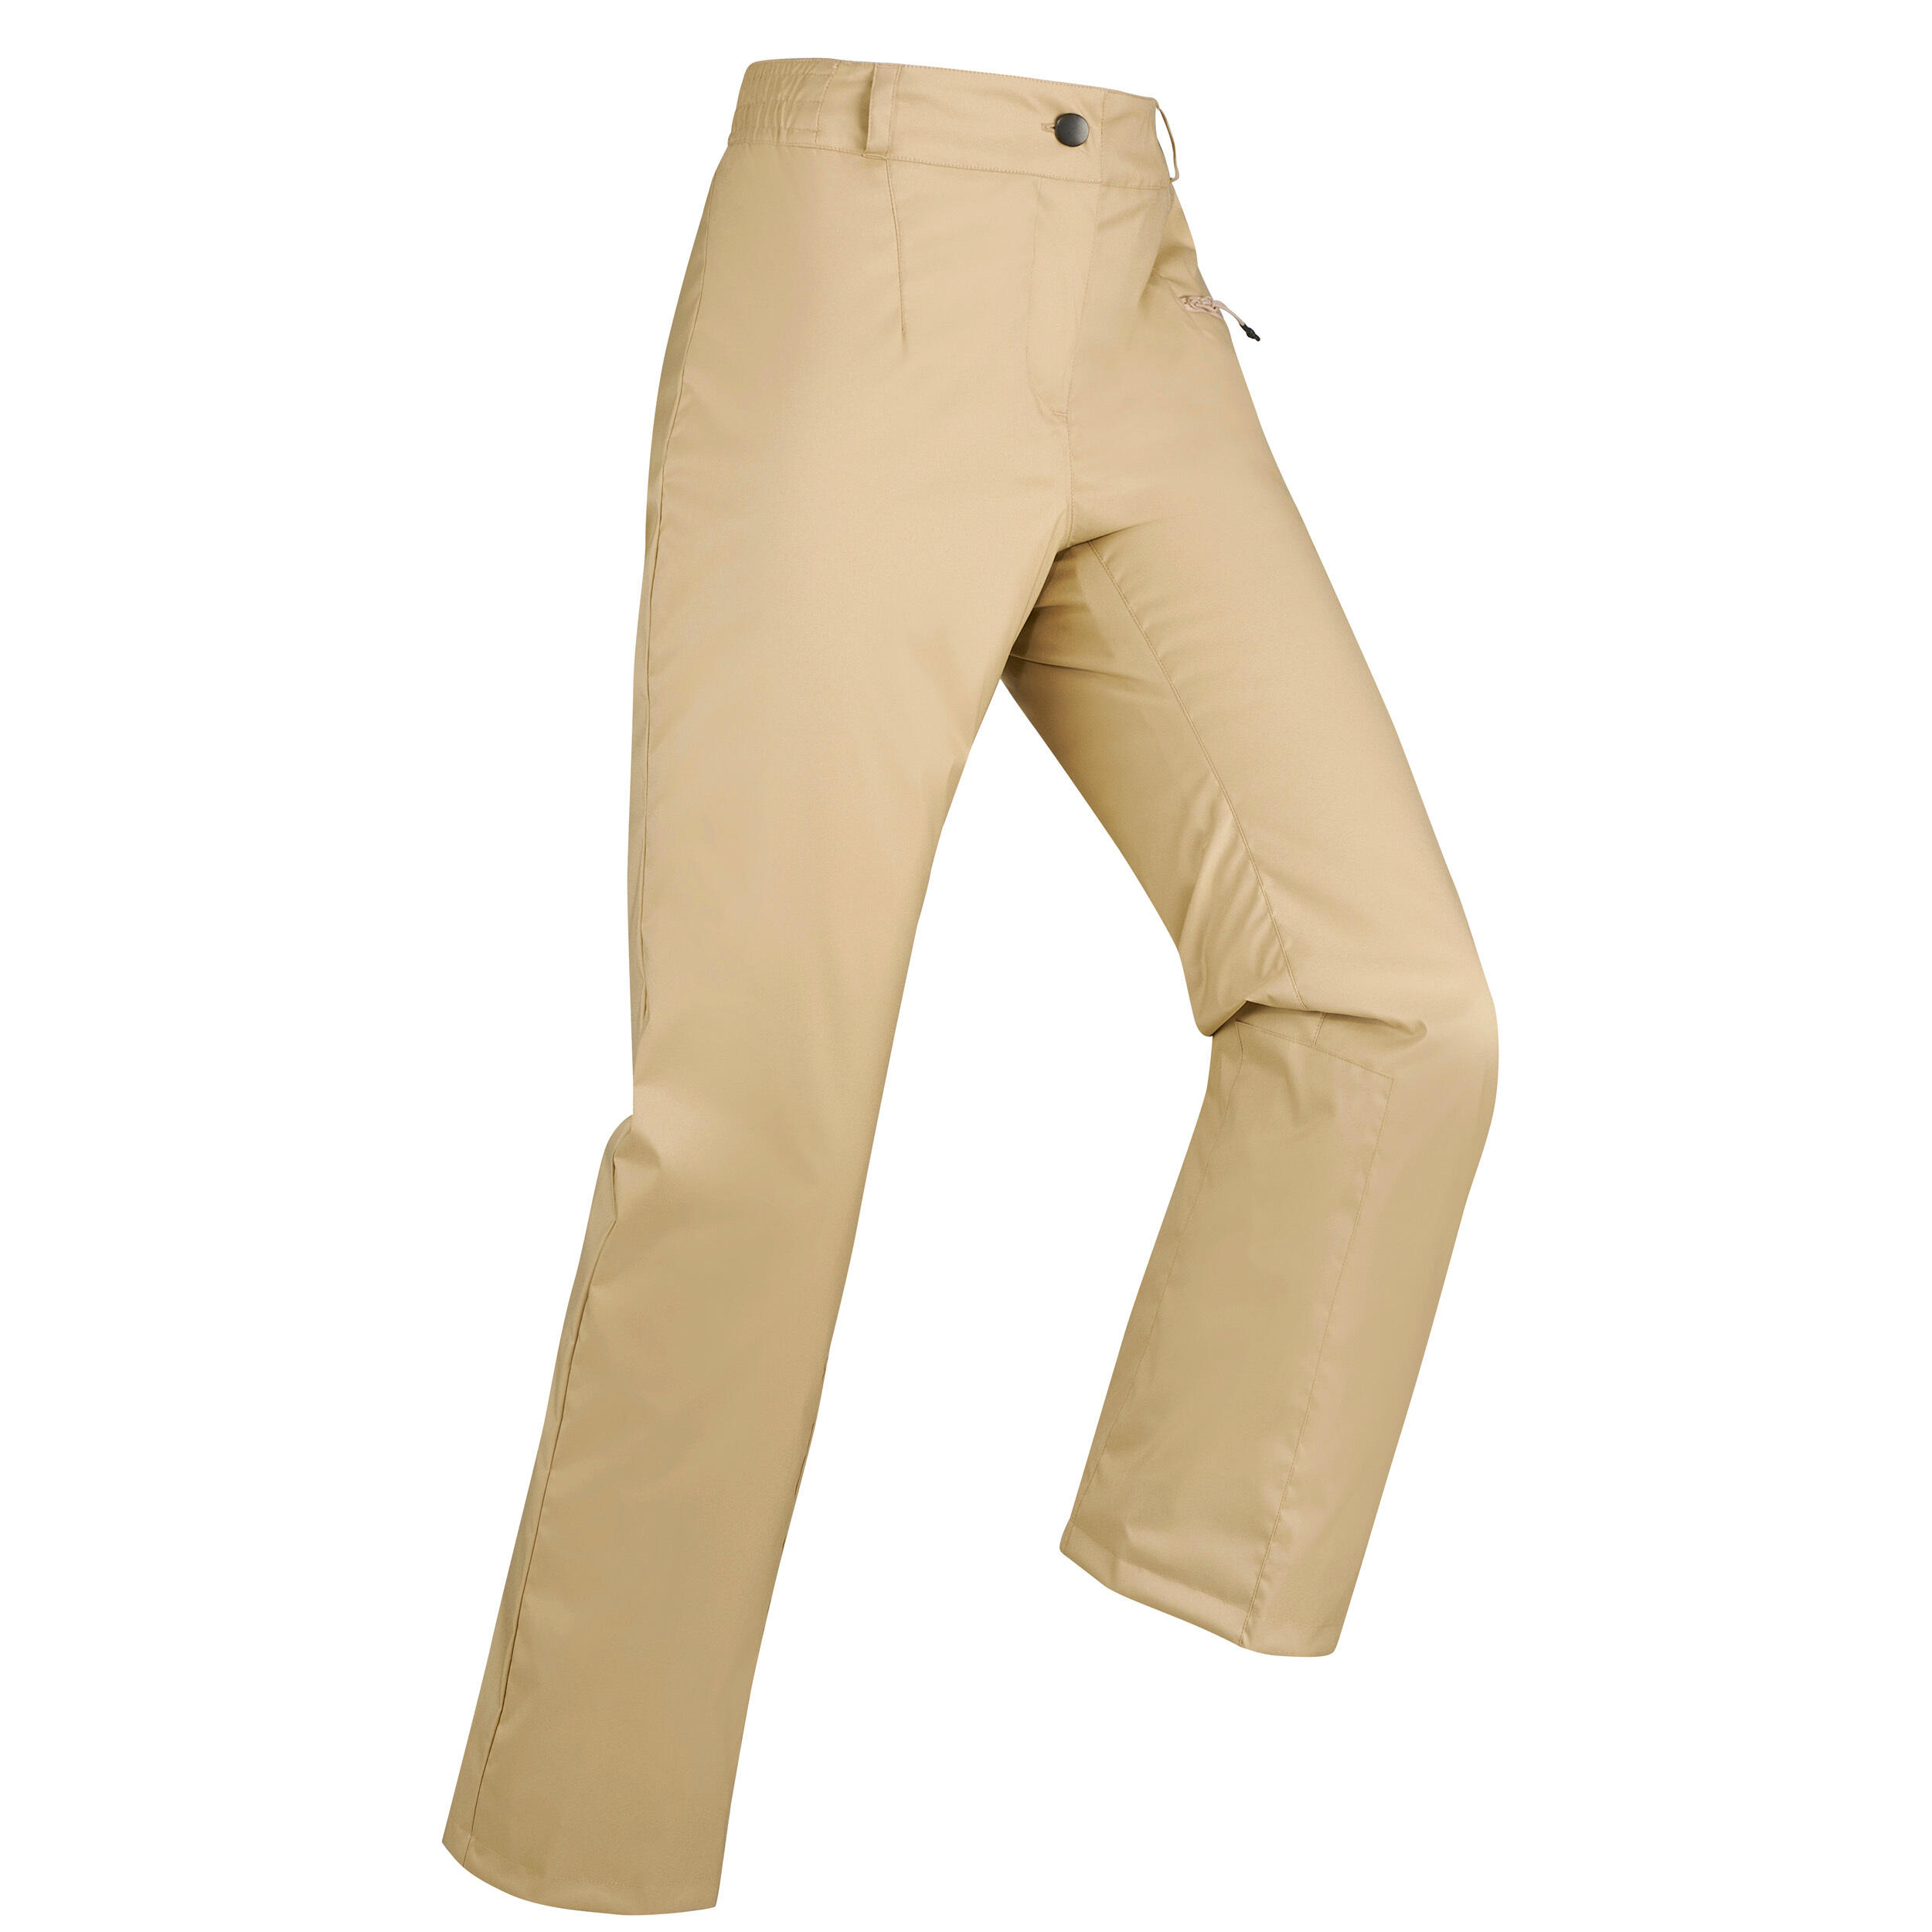 Pantalon Schi 100 Damă imagine